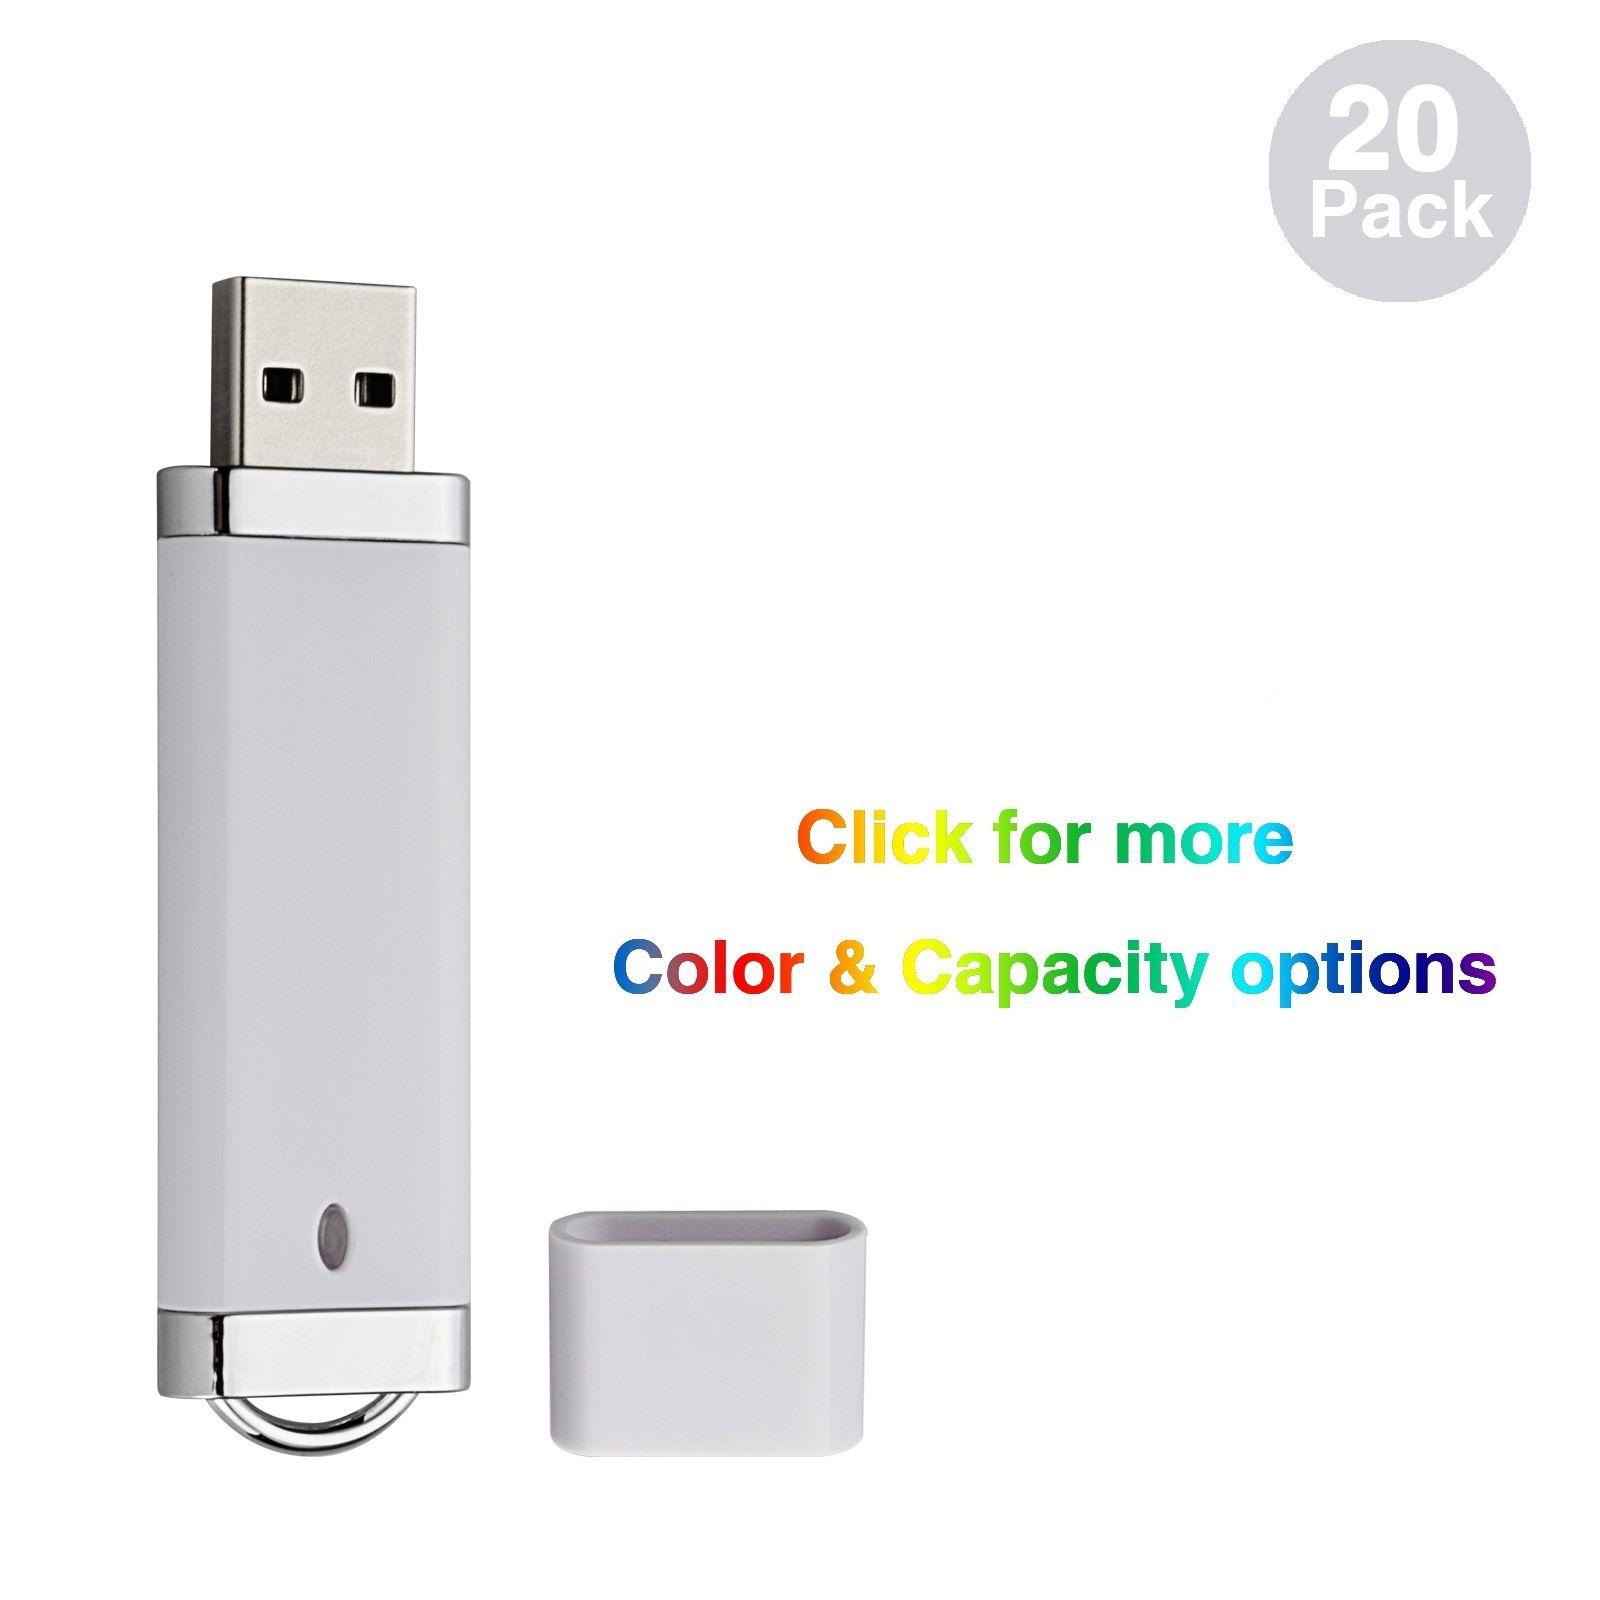 컴퓨터 노트북 엄지 저장 LED 표시 등 다중 색상 벌크 (20) 라이터 디자인 기가 바이트 USB 2.0 플래시 드라이브 플래시 메모리 스틱 펜 드라이브